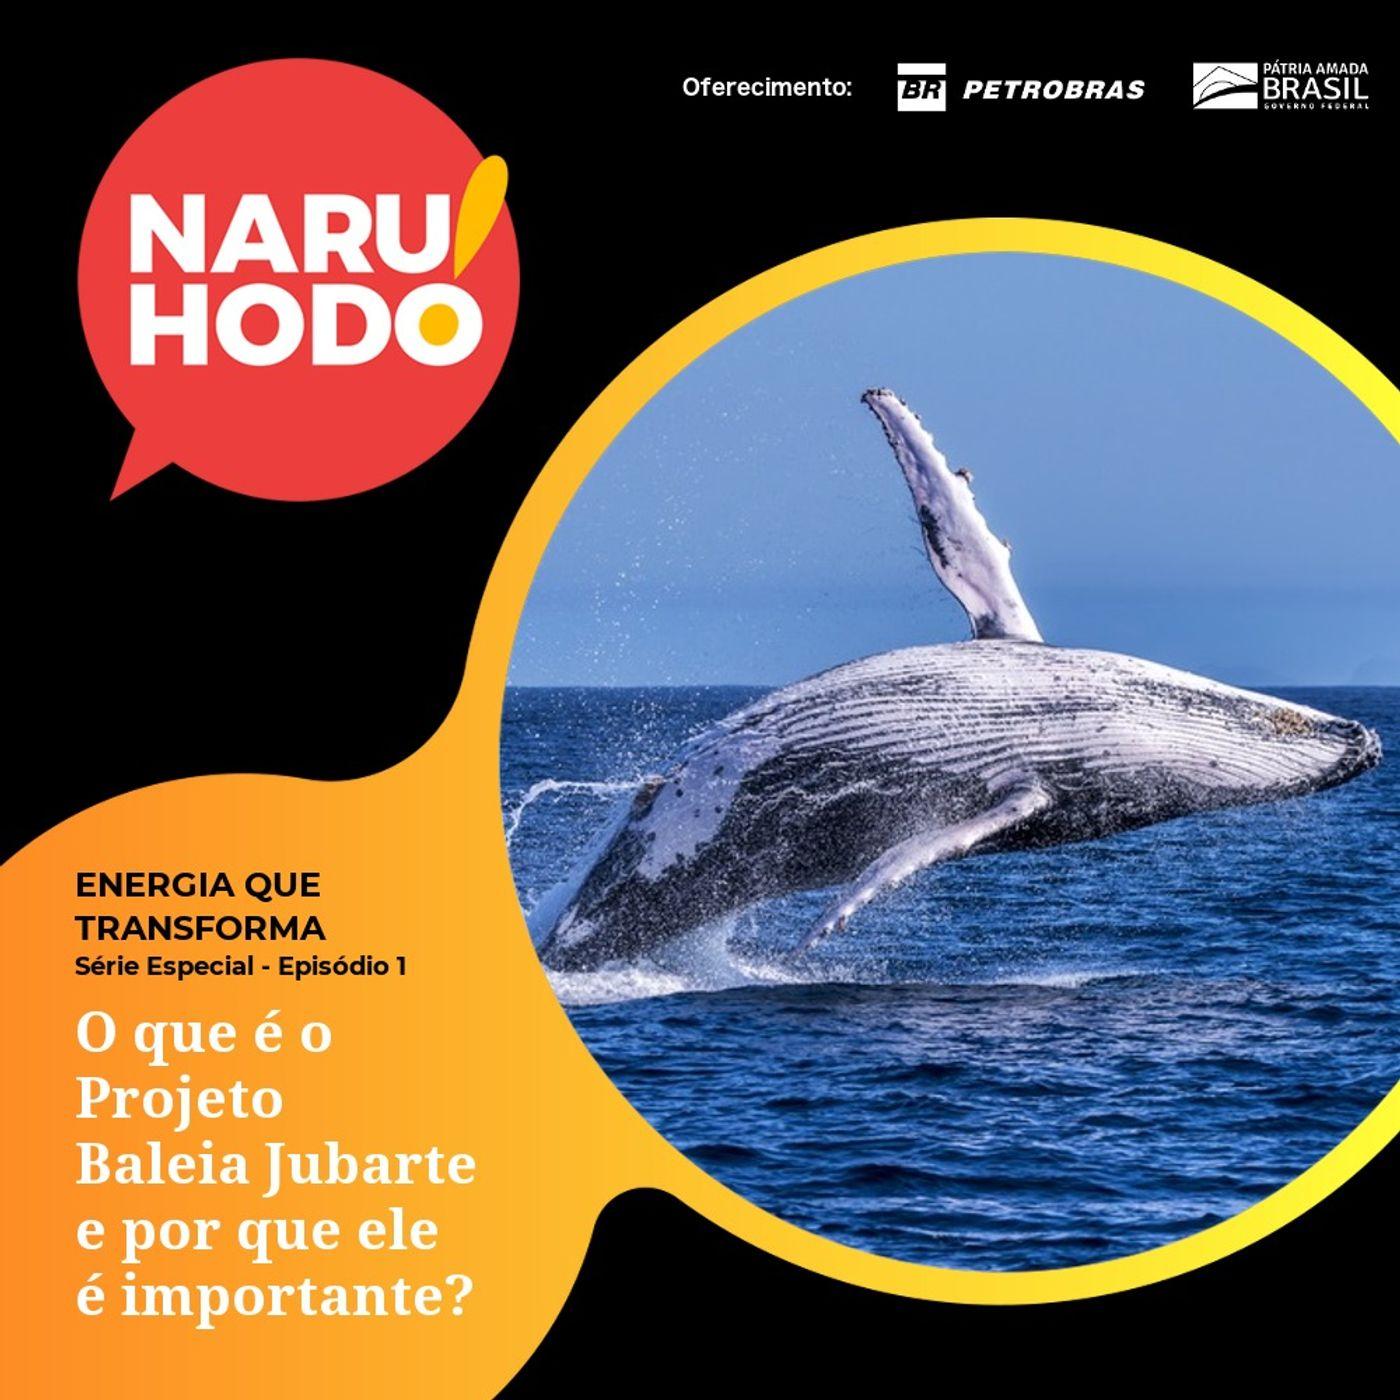 Naruhodo Extra - Série Especial ENERGIA QUE TRANSFORMA - Episódio 1: O que é o Projeto Baleia Jubarte e por que ele é importante?